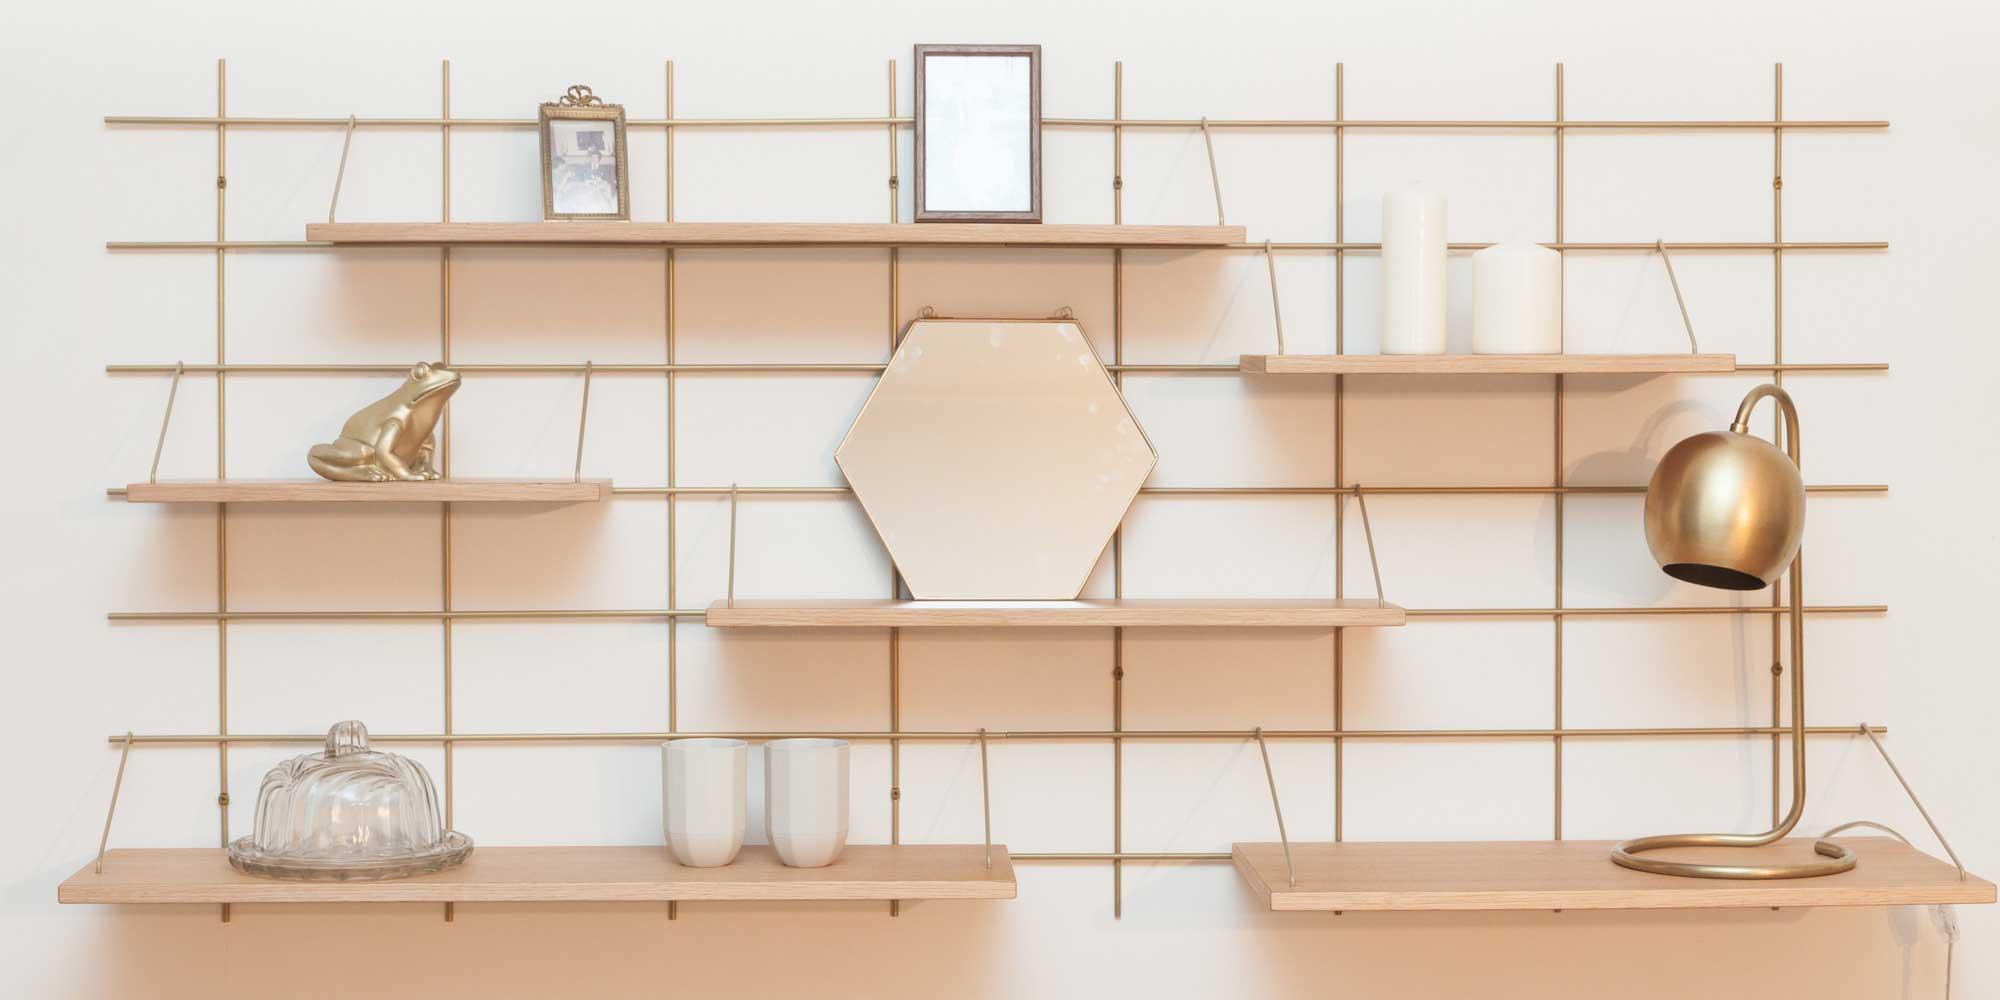 gassien mon prix les d couvertes au salon maison objet. Black Bedroom Furniture Sets. Home Design Ideas